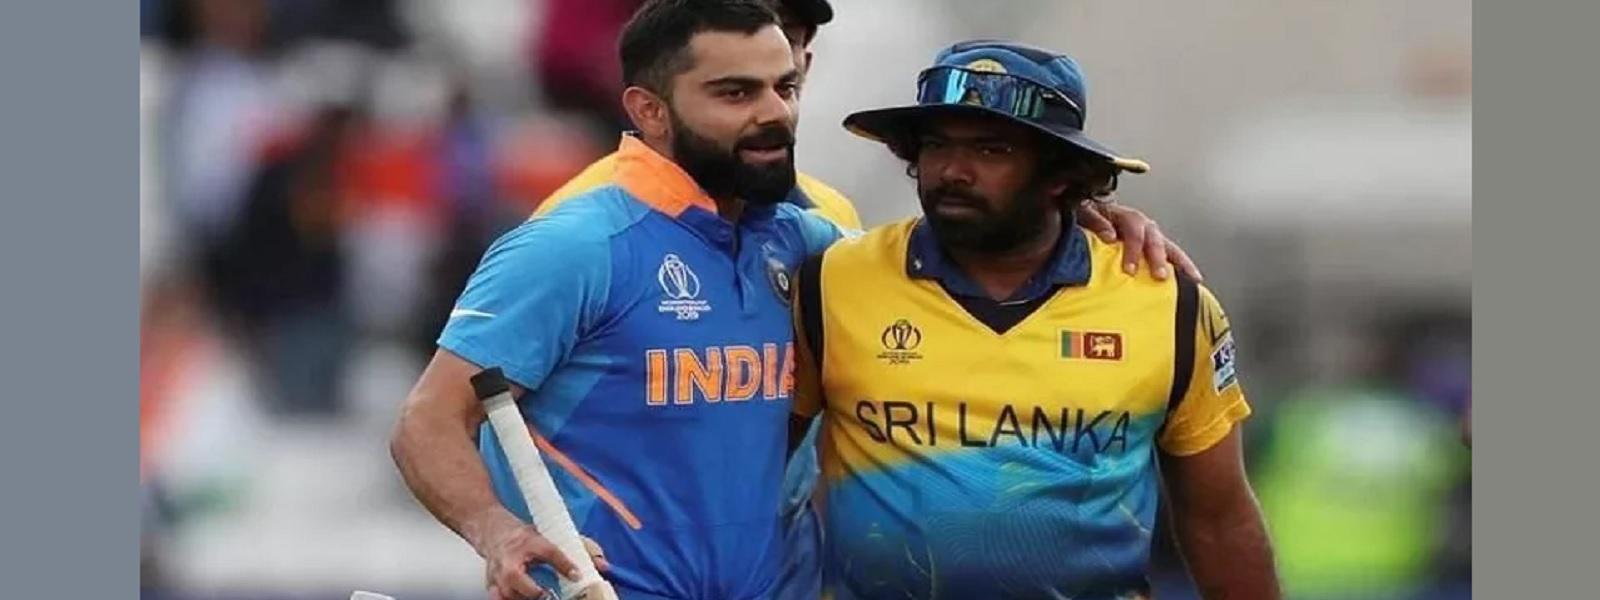 இலங்கை – இந்தியா இடையிலான சர்வதேச T20 தொடர் நாளை ஆரம்பம்